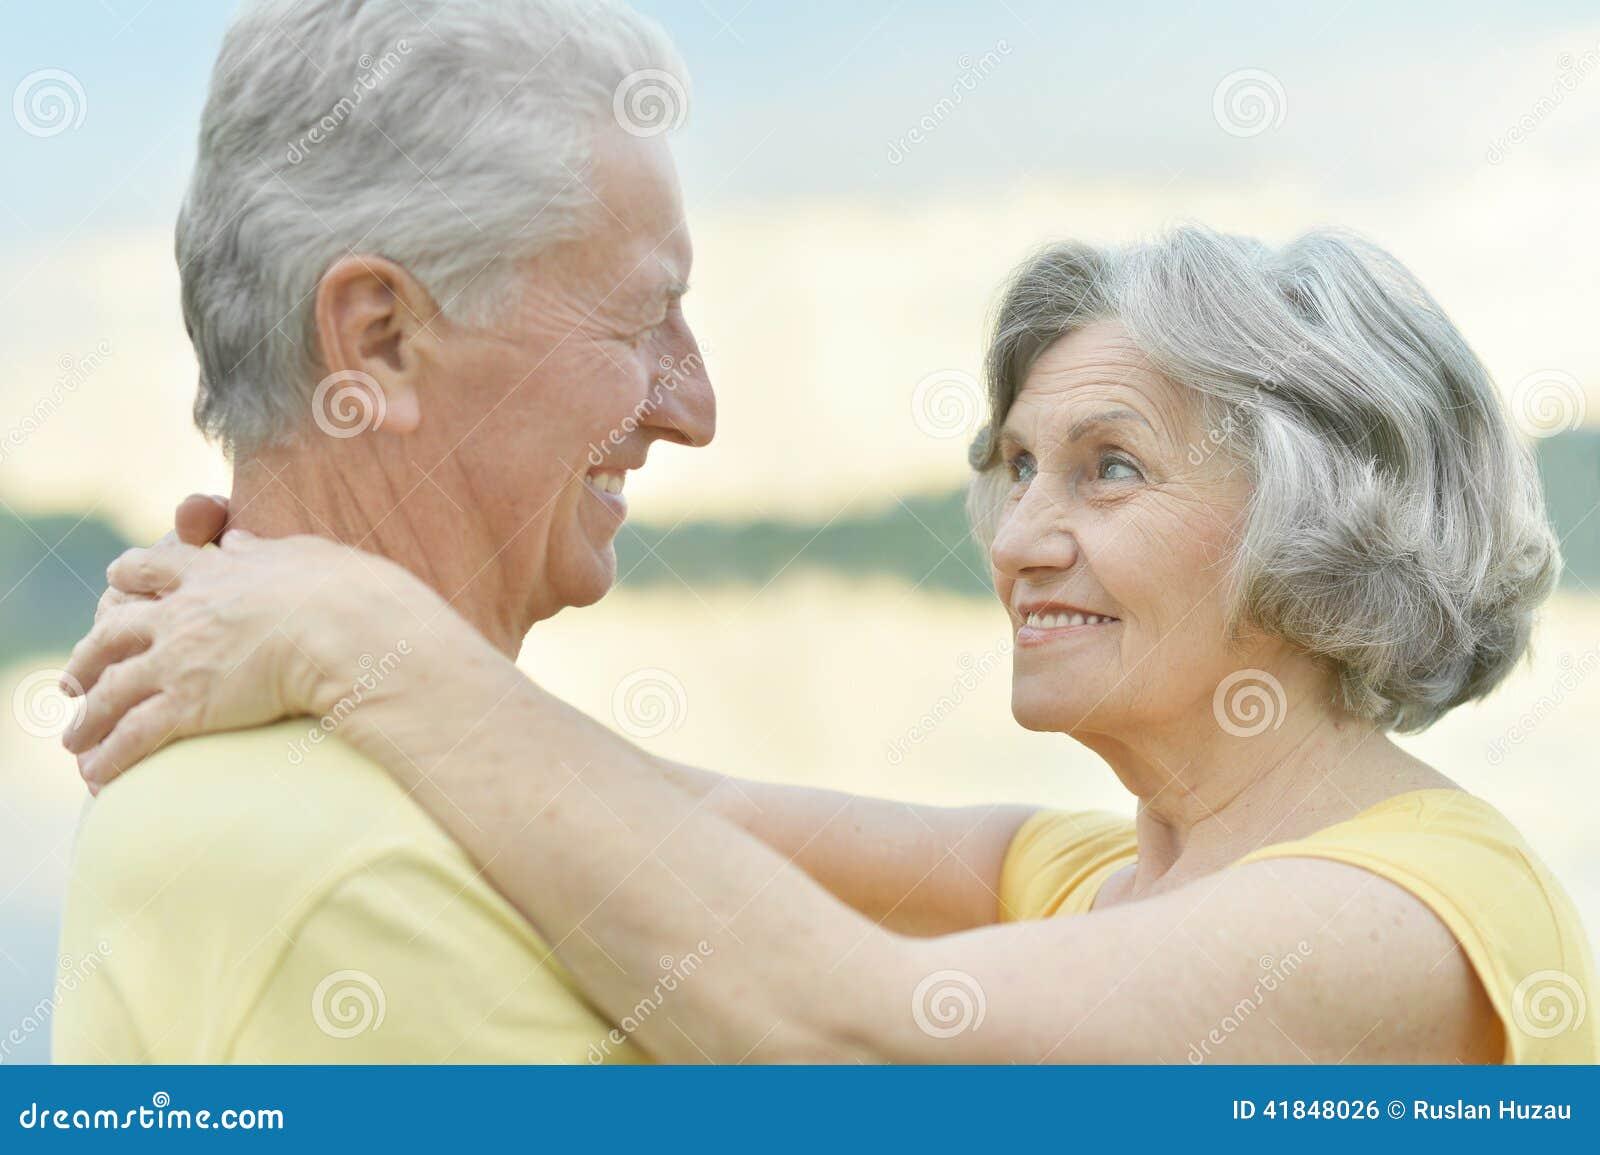 Секс видео русских пожилых пар поговорим